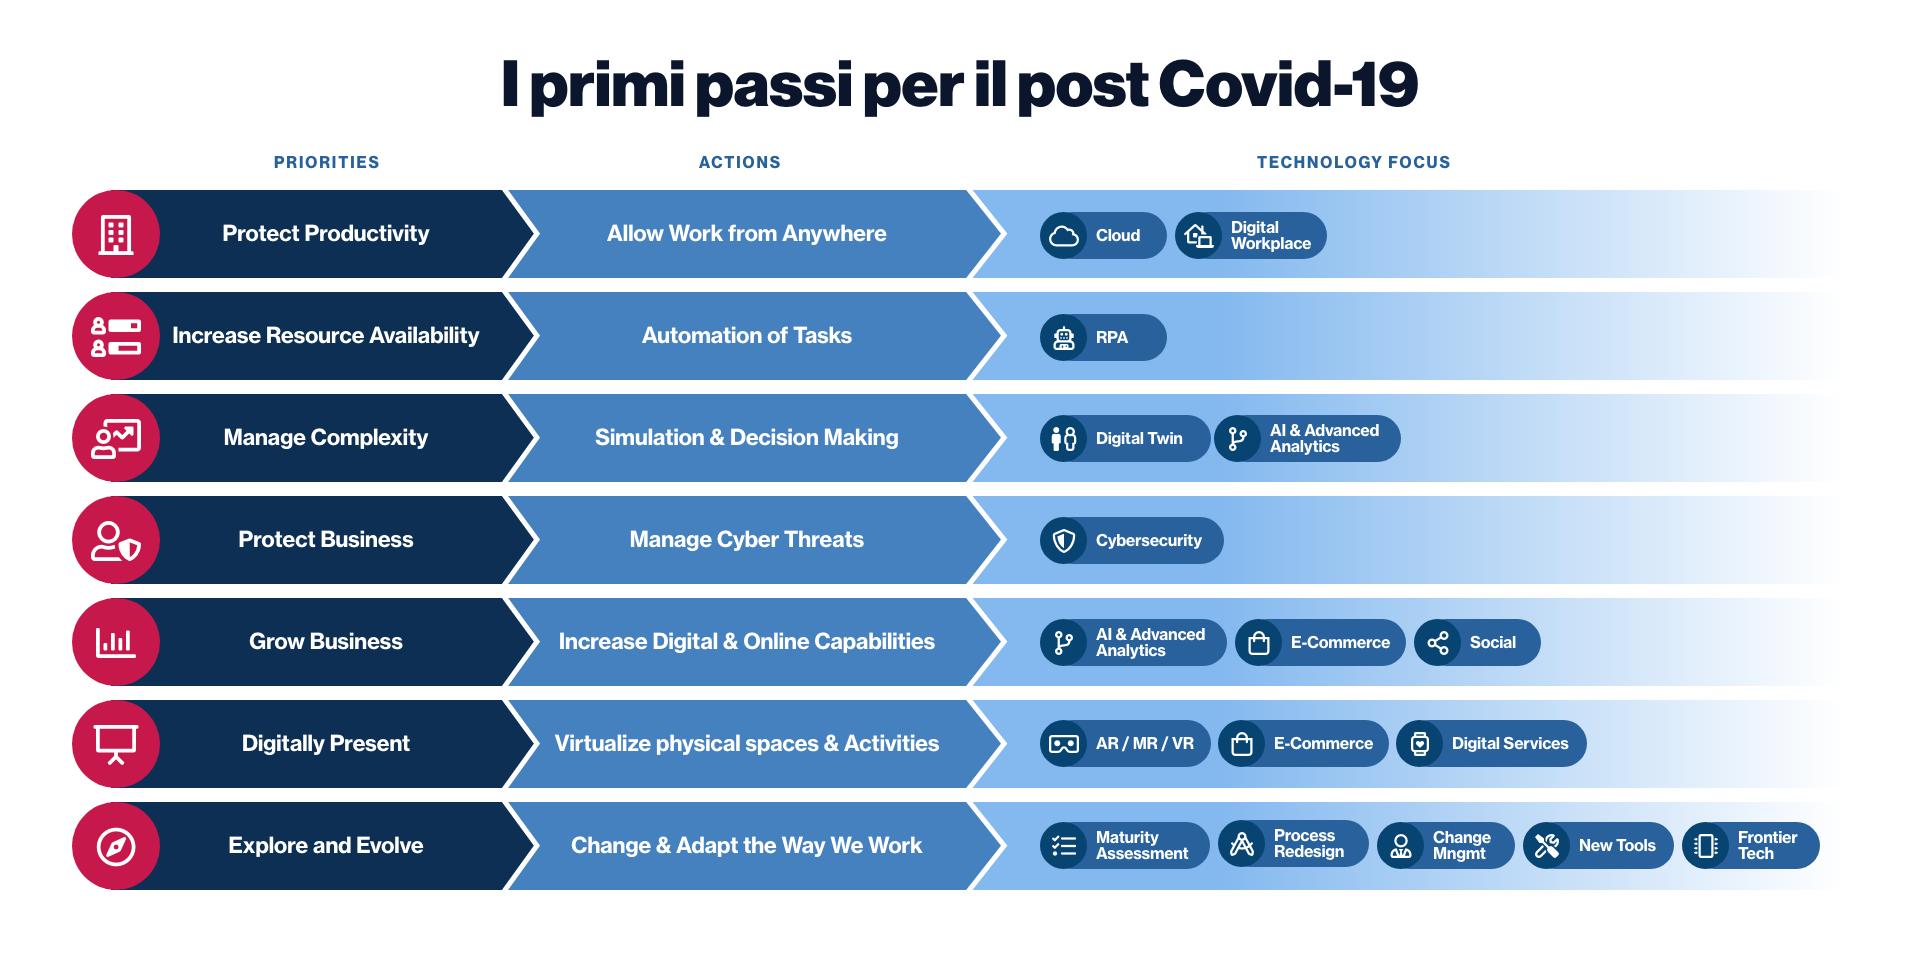 I primi passi per il post Covid-19